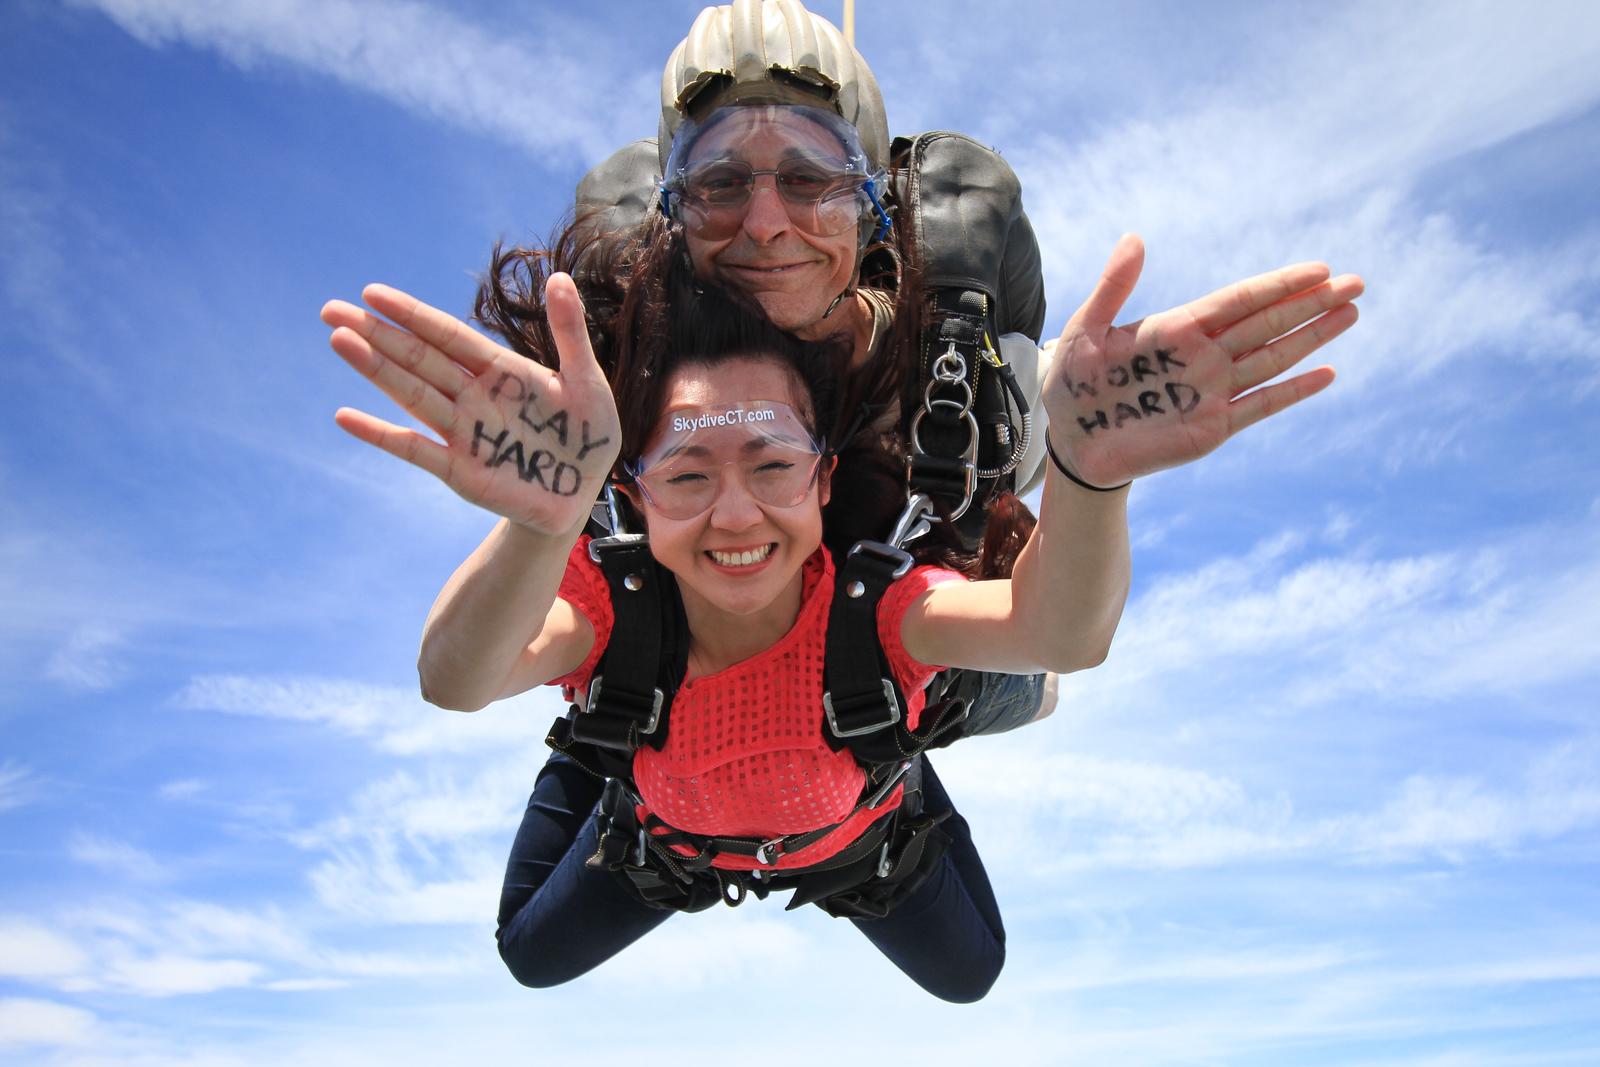 2015-07-25_skydive_cpi_0715